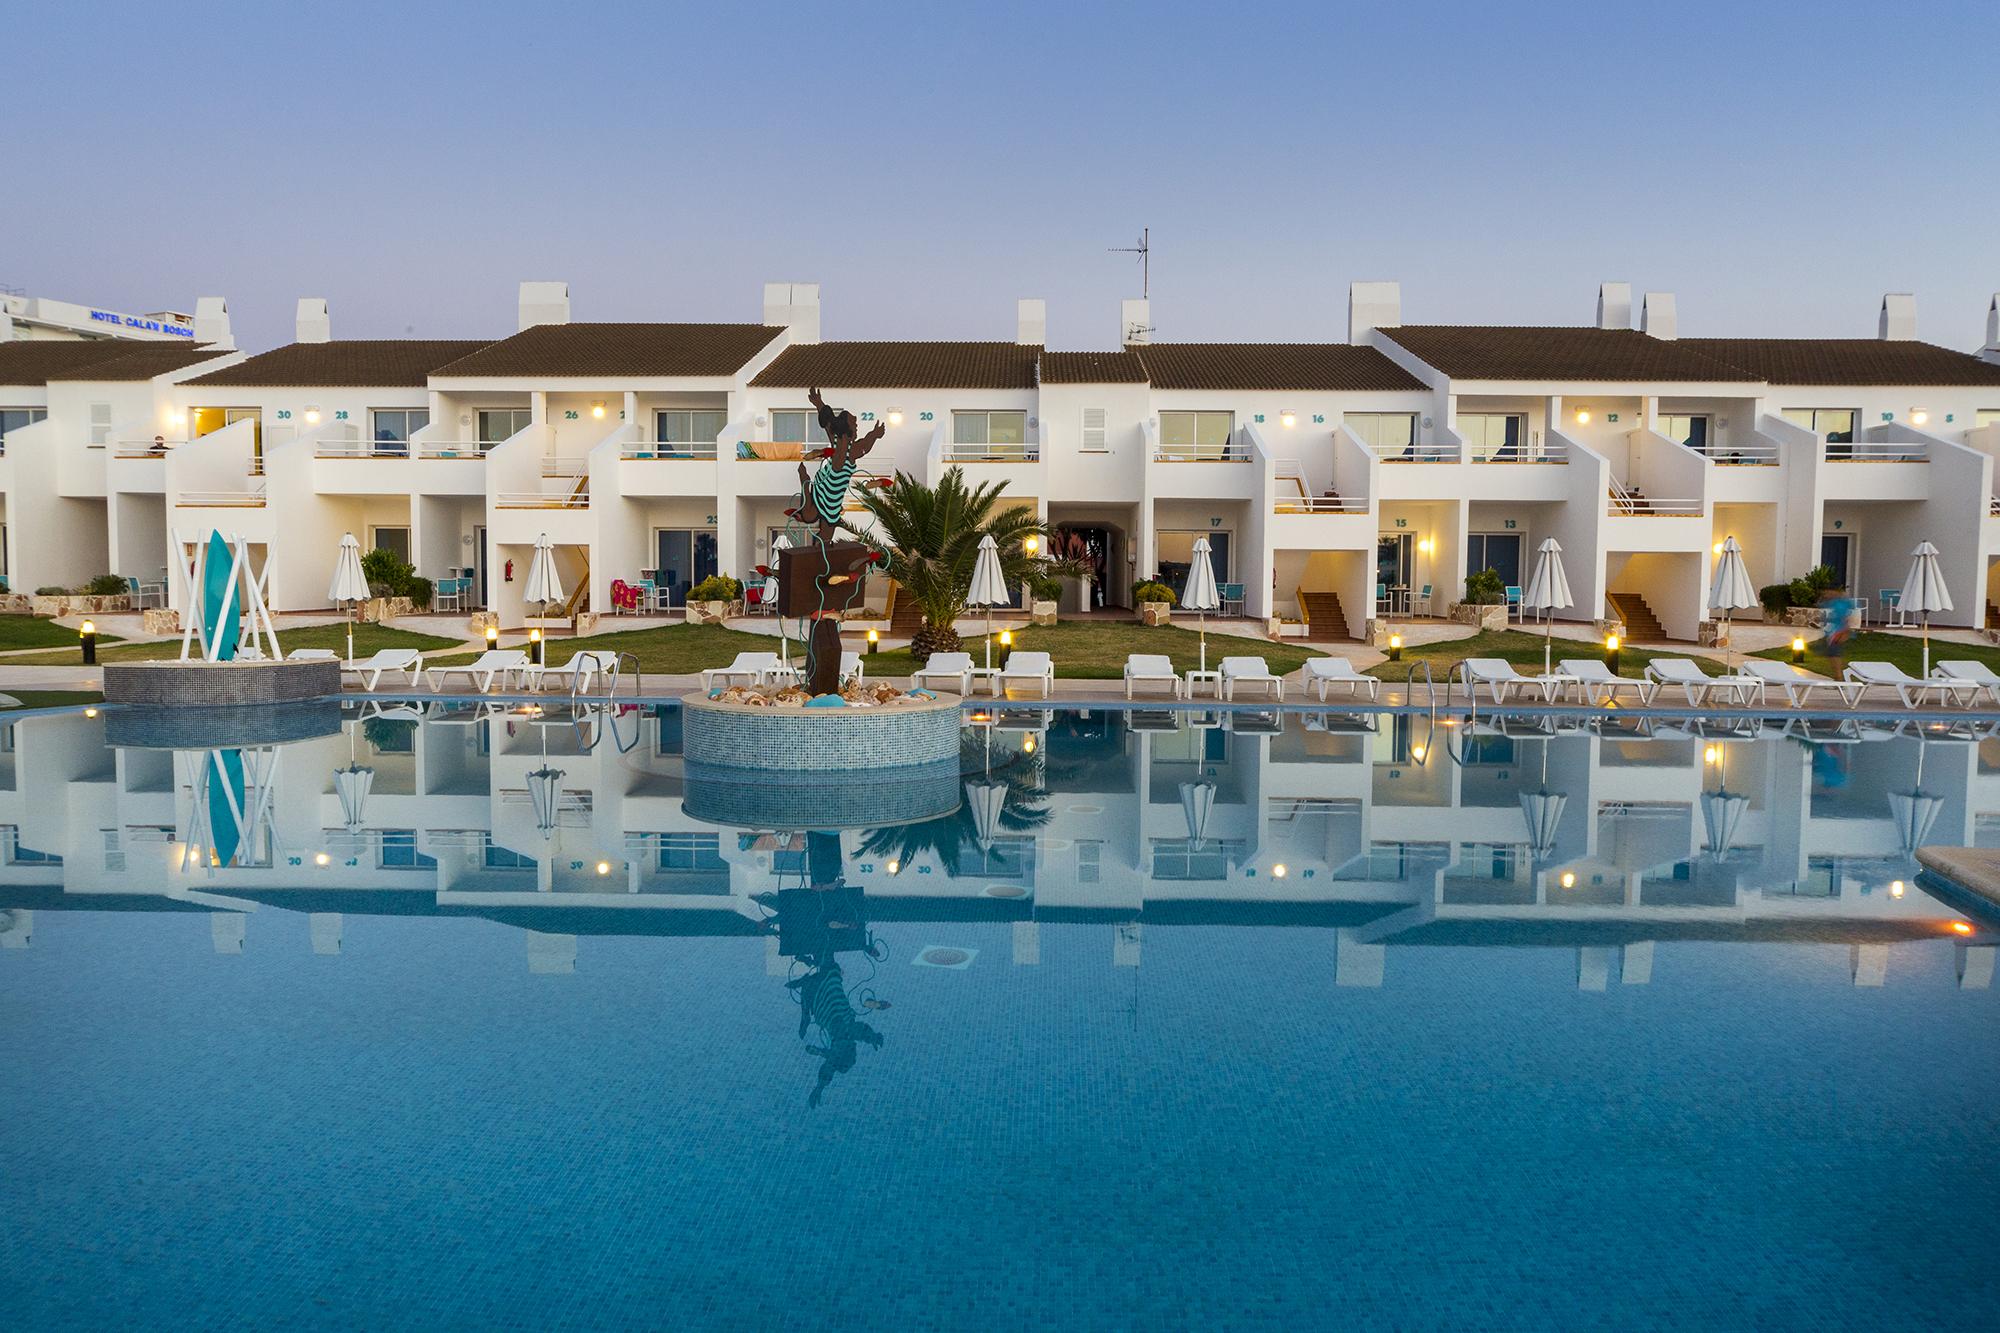 Hotel beach club en cala n bosch menorca hotel casas del lago - Hotel casas del lago menorca ...